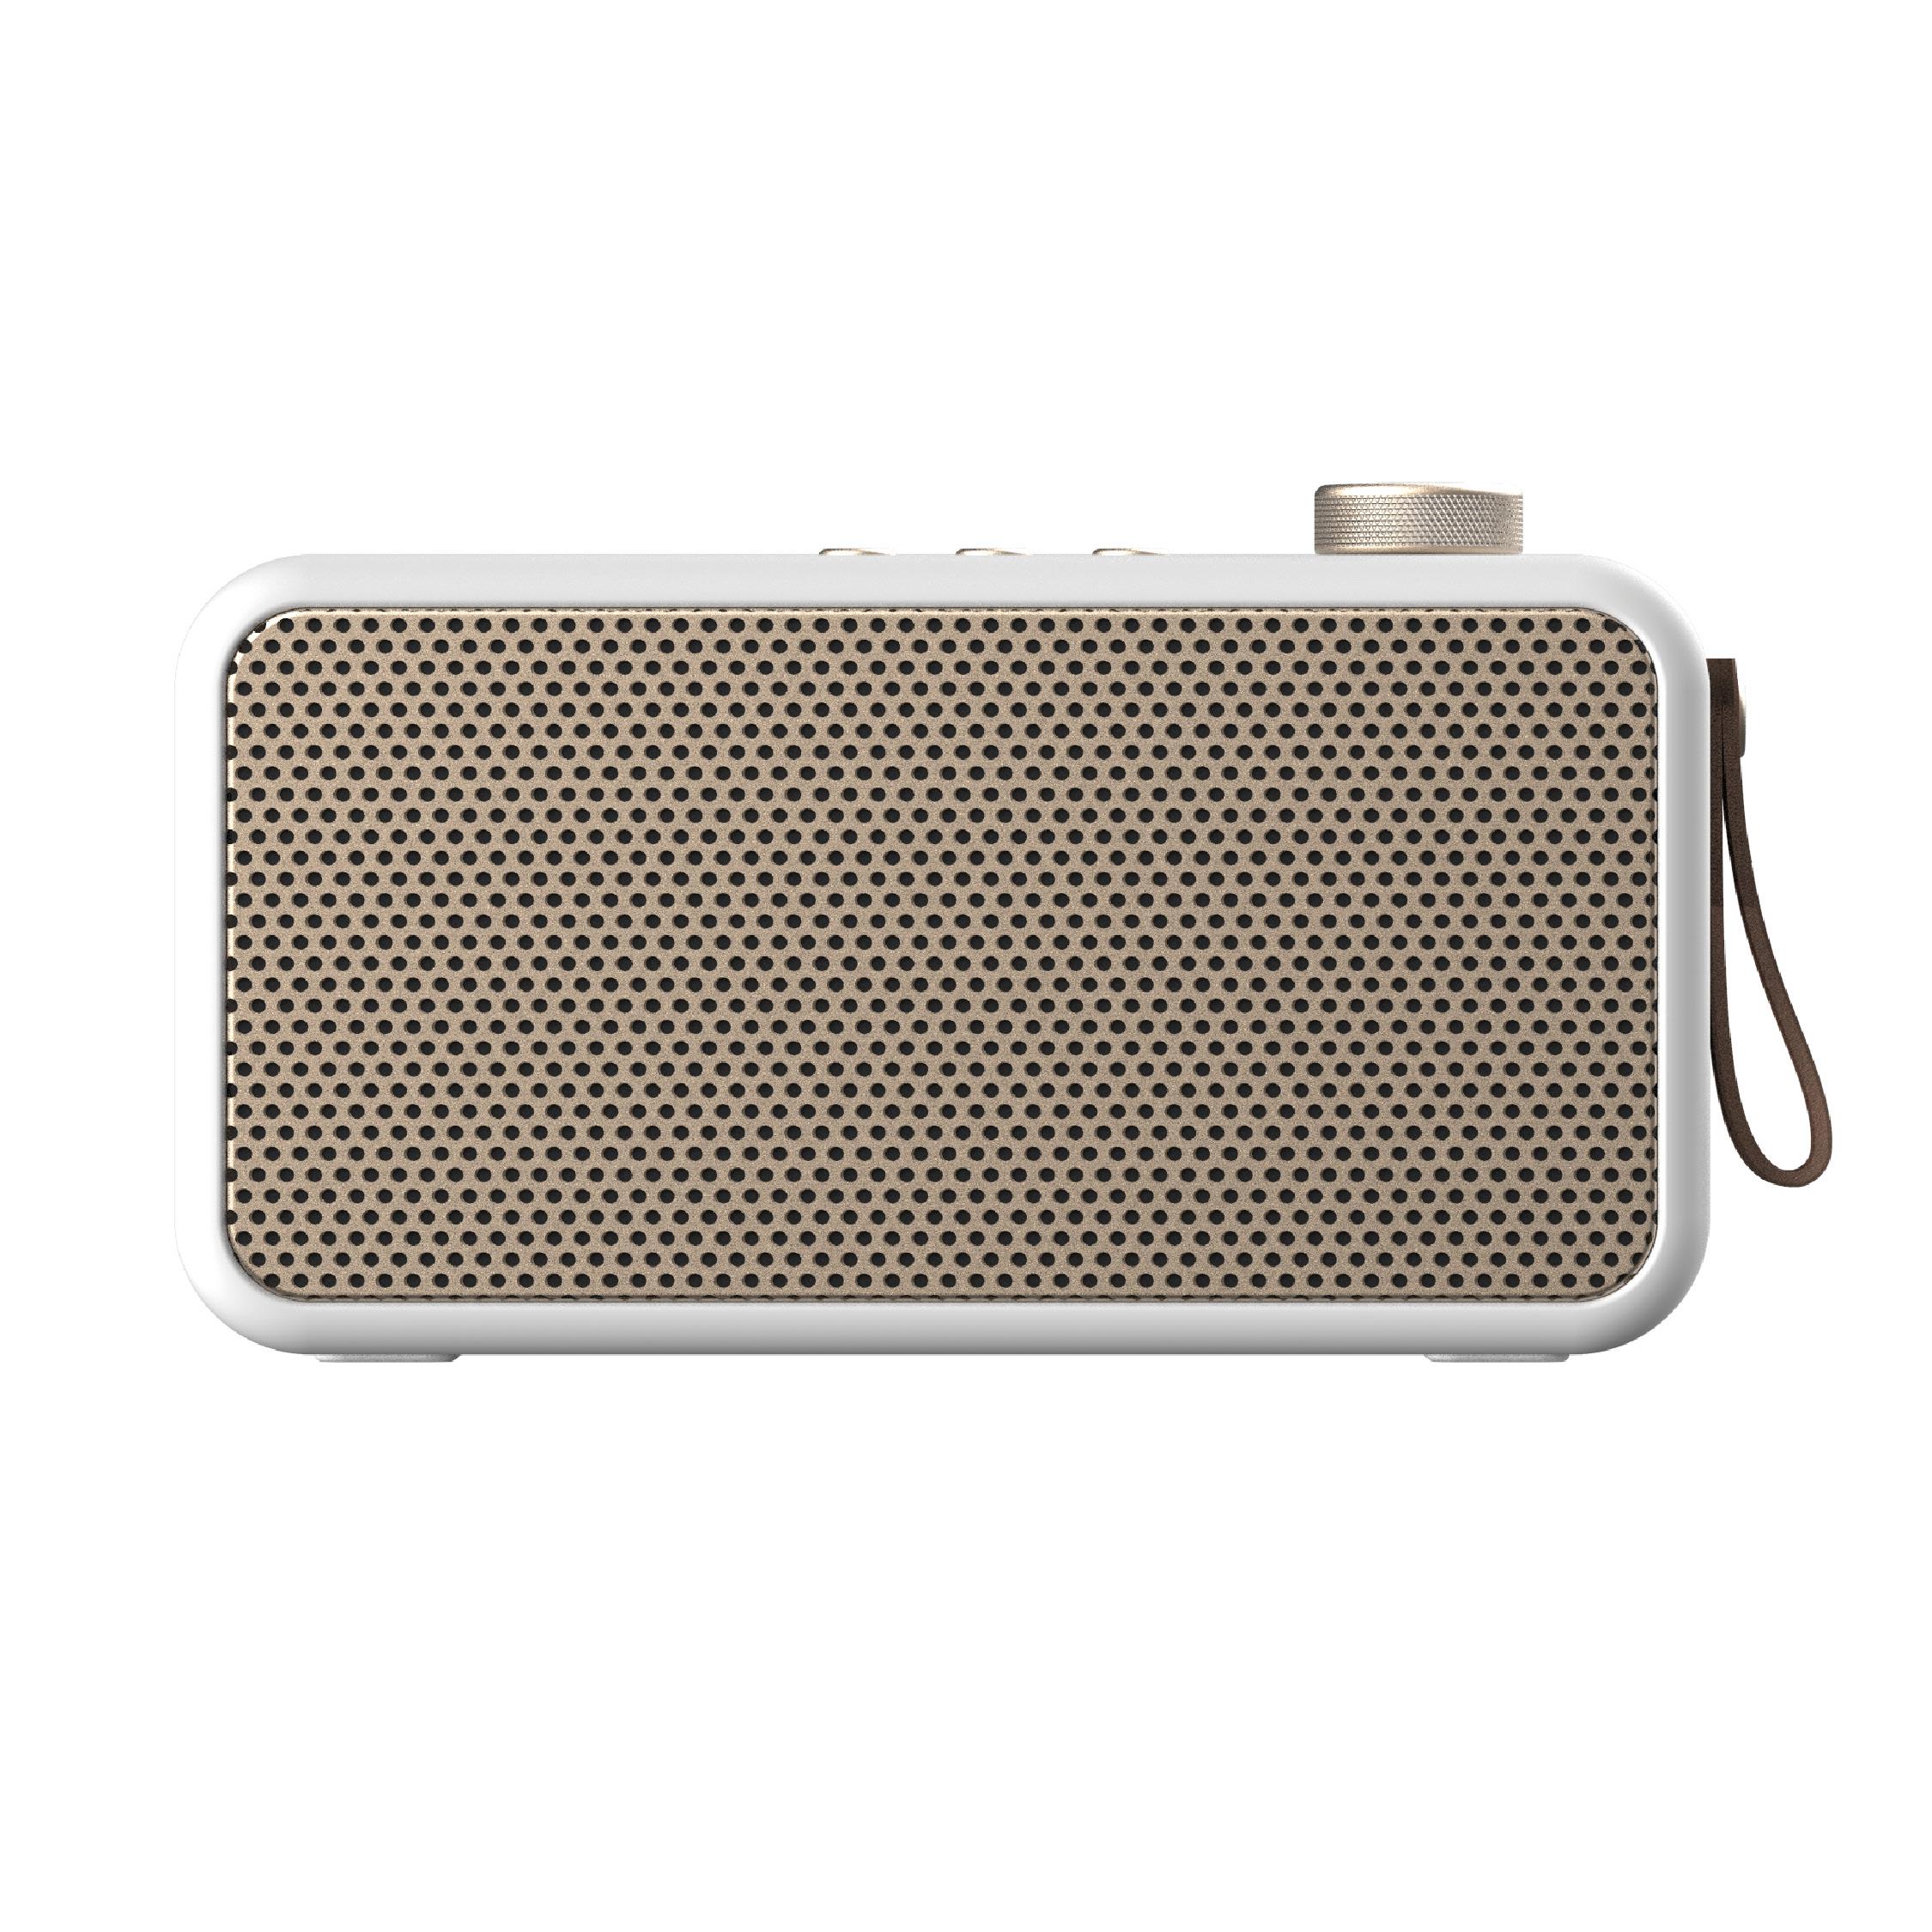 Kreafunk aTUNE DAB+ radio, white